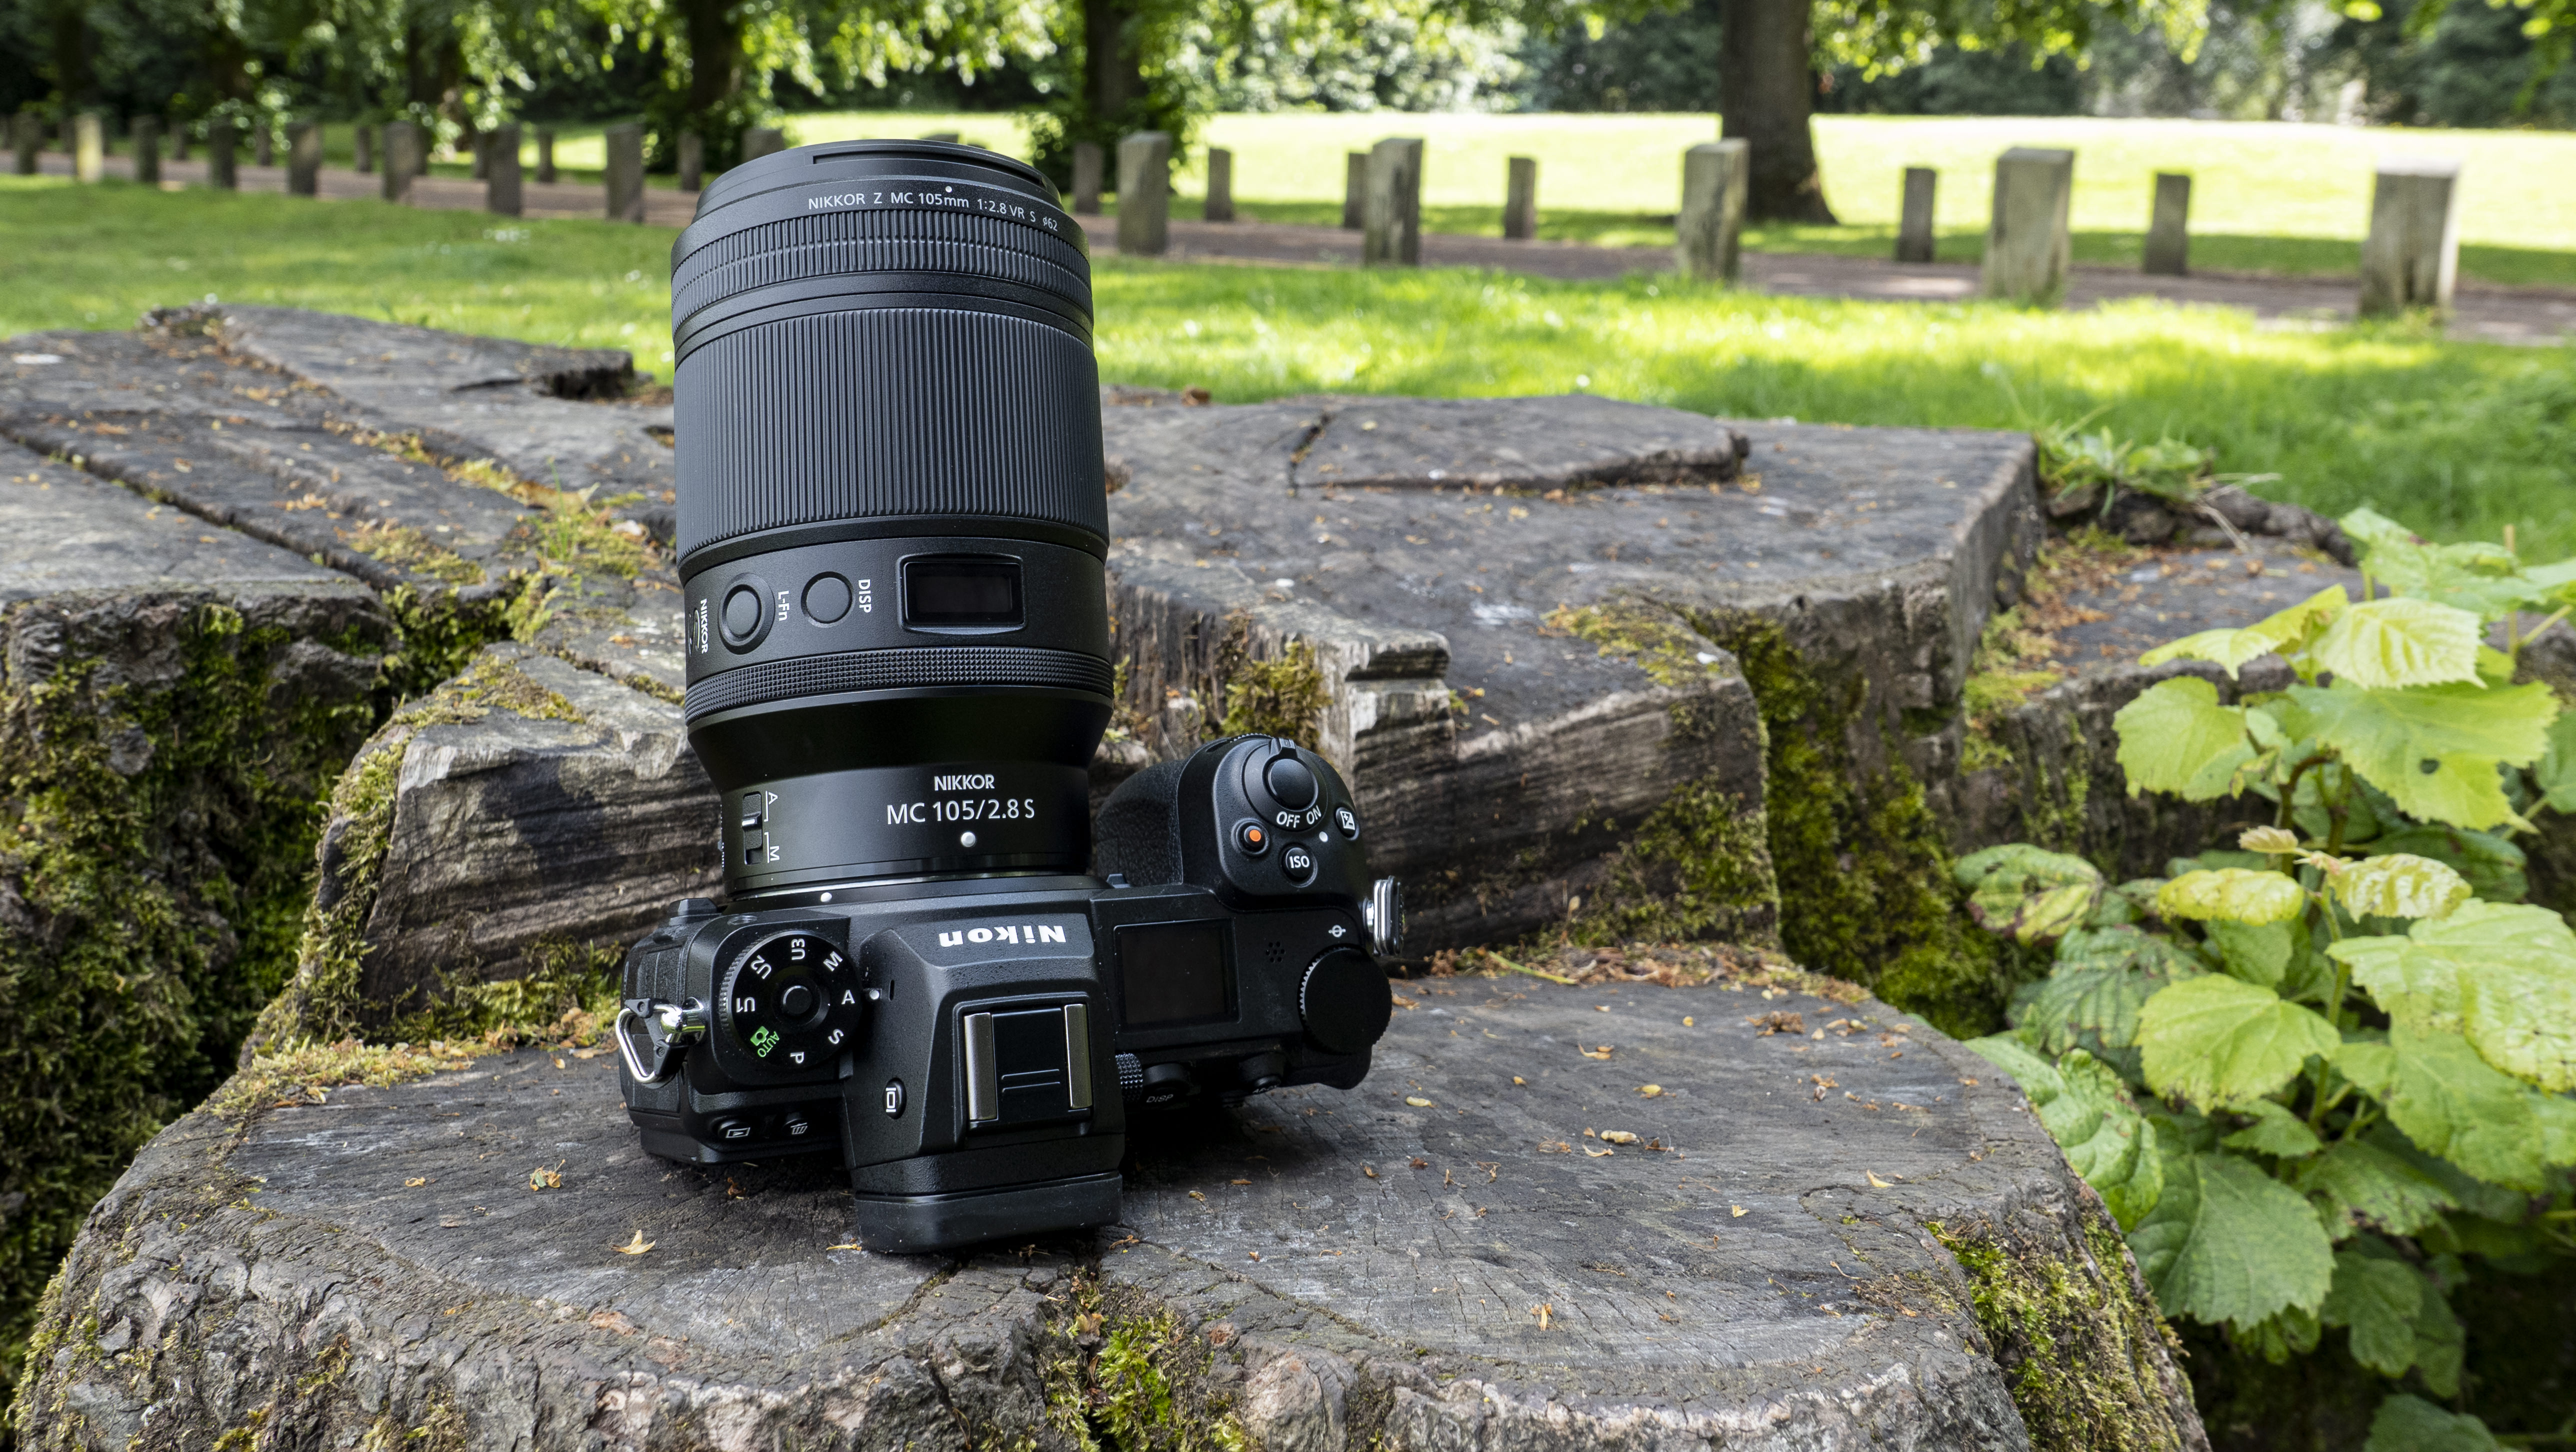 A Nikon Z7 II with the Nikon Nikkor Z MC 105mm f/2.8 VR S lens